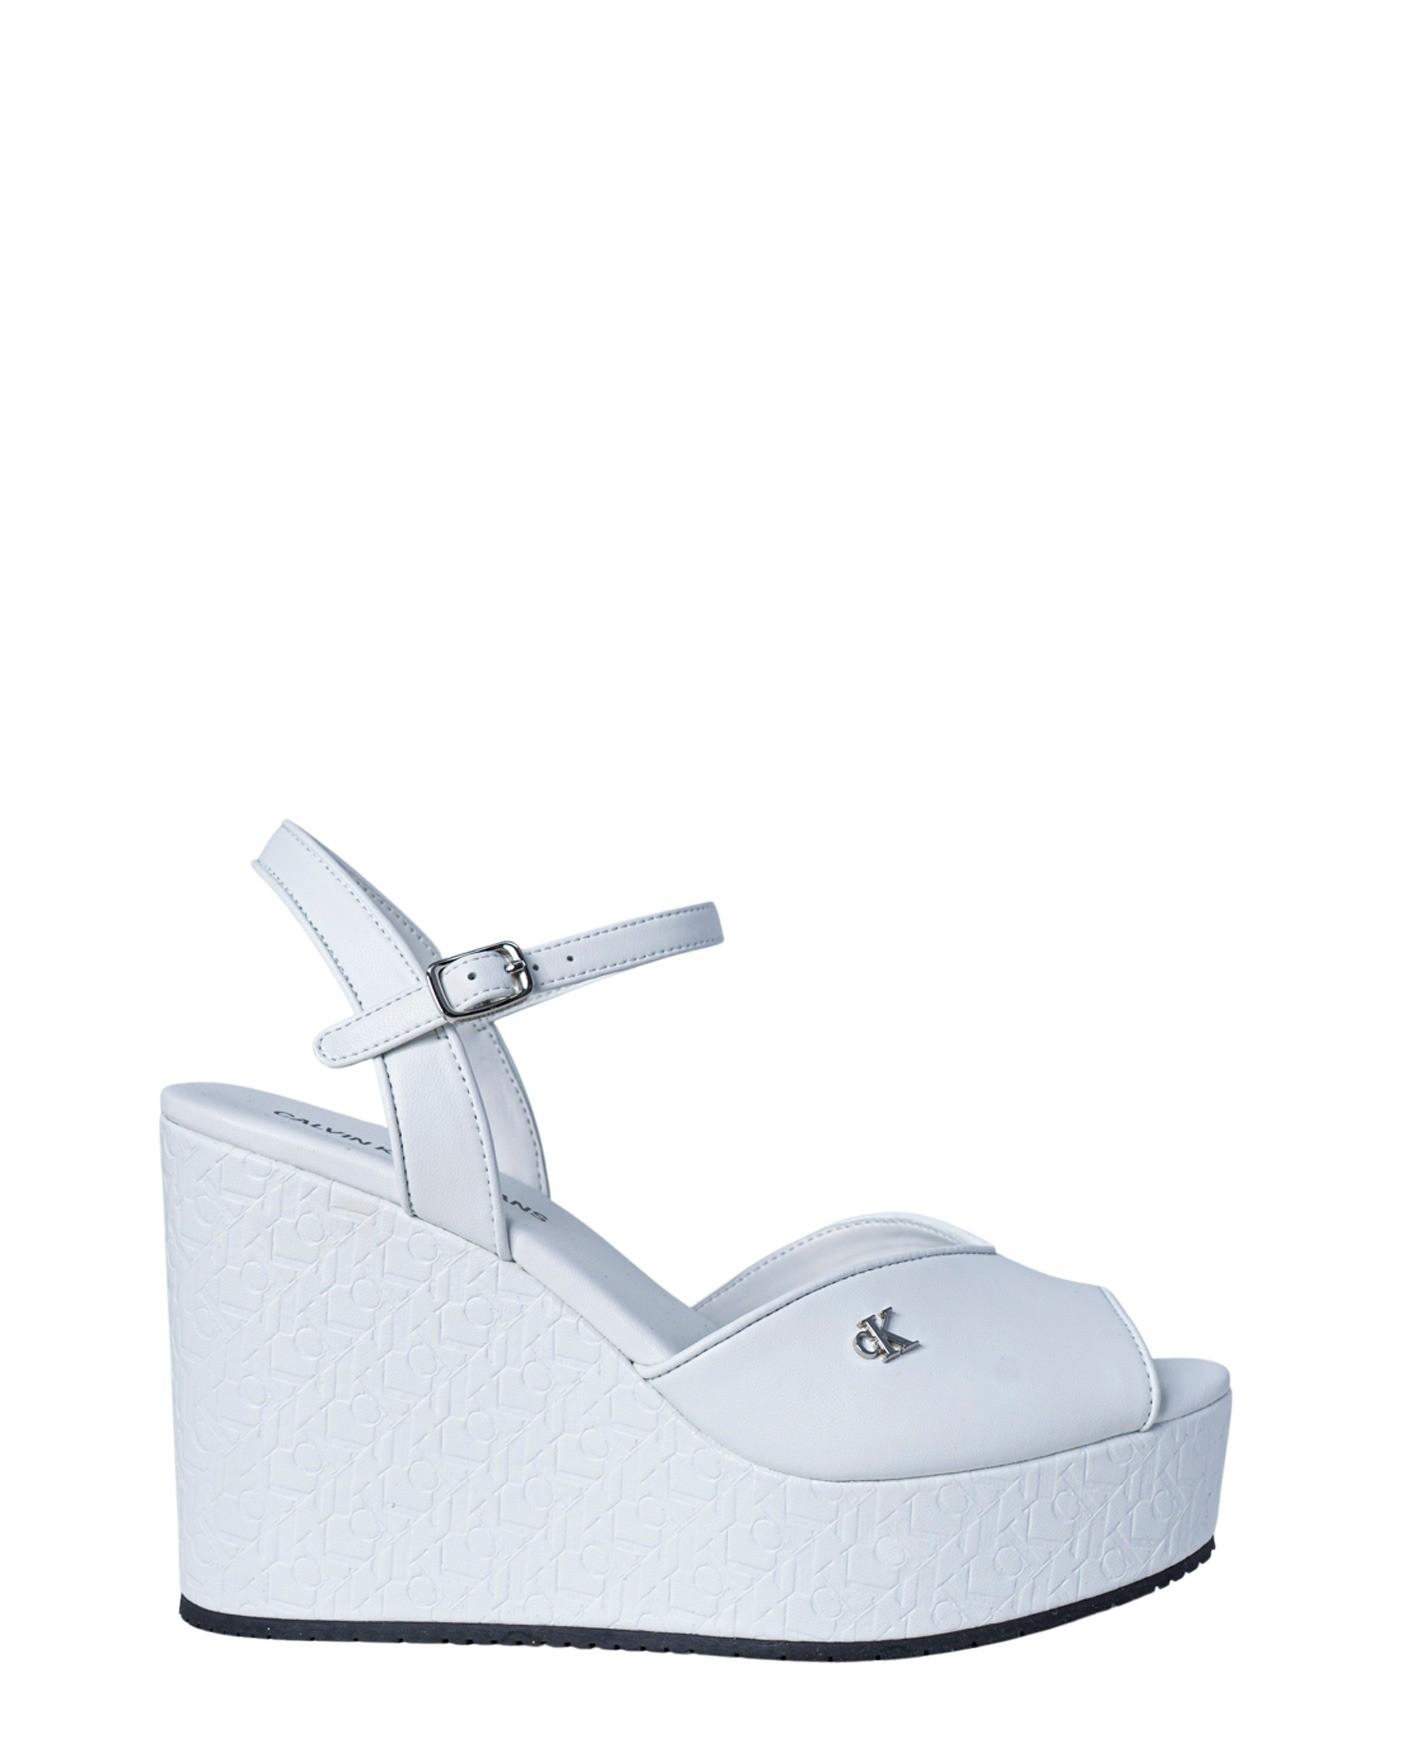 Marchio Calvin Klein Jeans Genere Donna Tipologia Sandali Stagione Primaver…